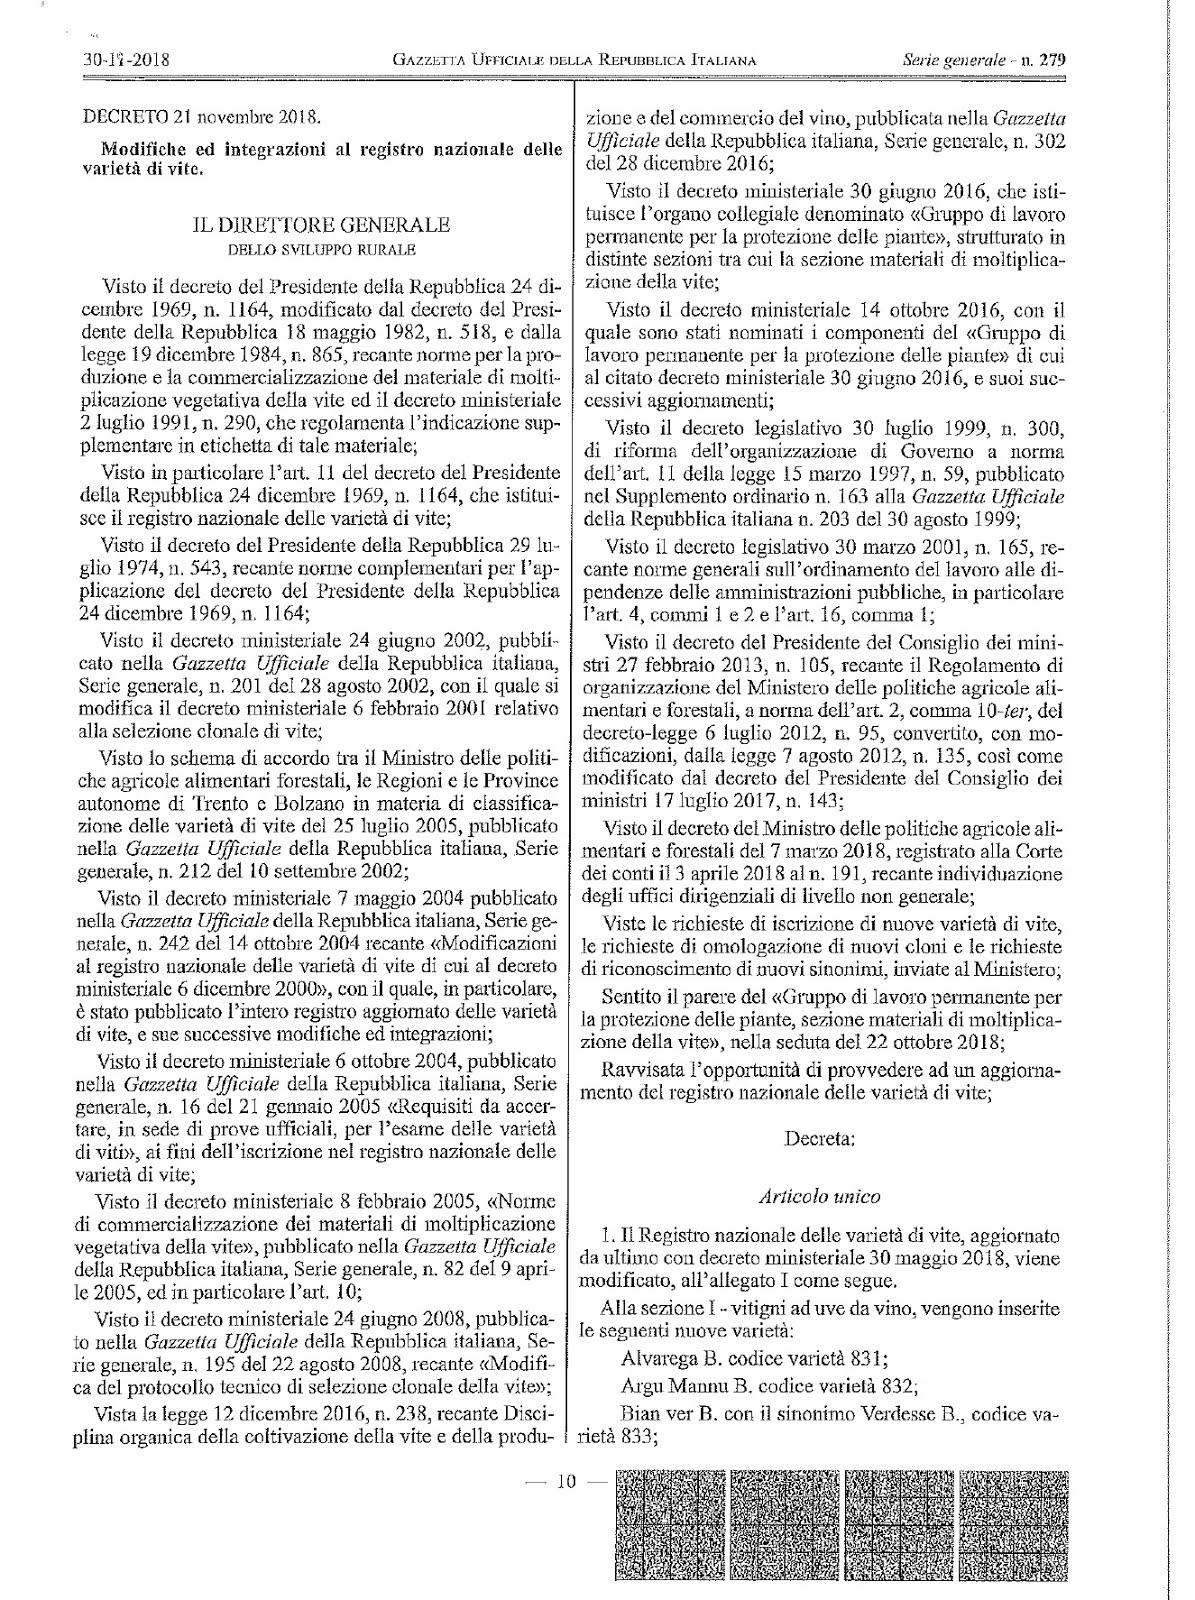 L'ALVAREGA DI OZIERI ISCRITTO NEL REGISTRO NAZIONALE DEI VITIGNI. UNA ATTESA DI 15 ANNI !